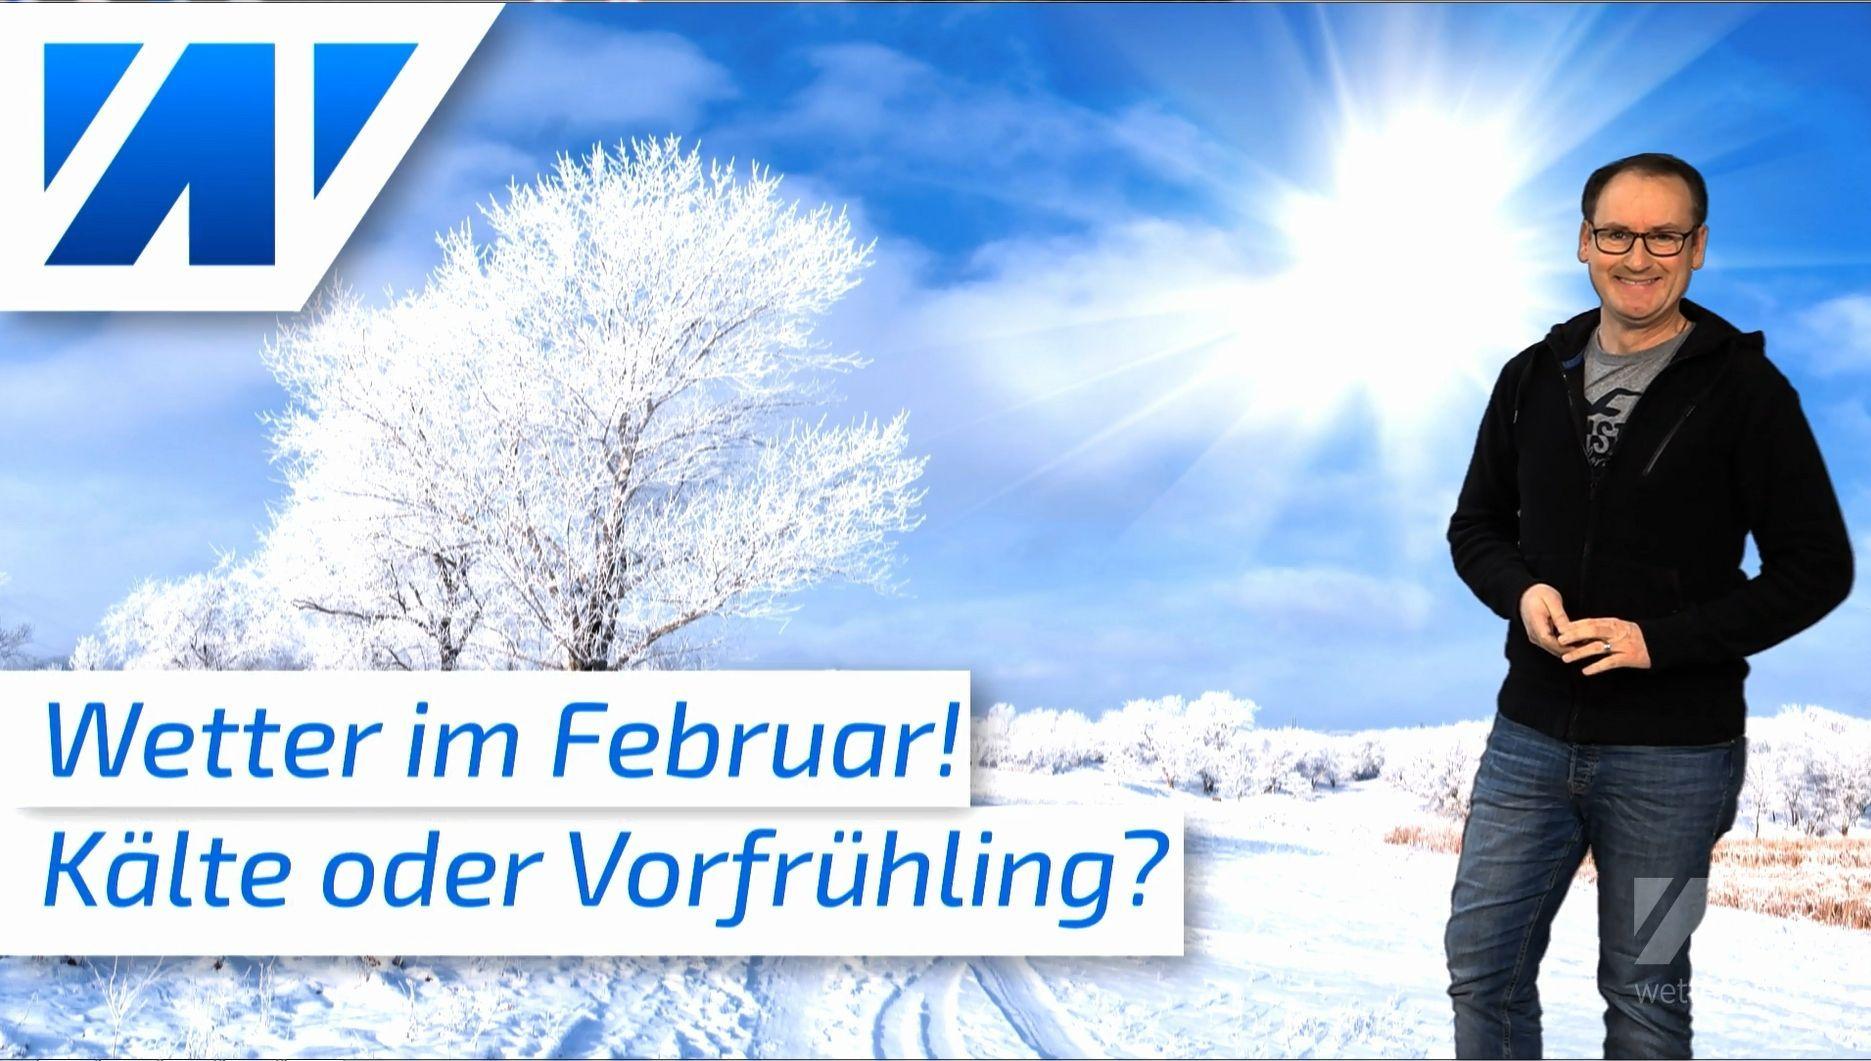 Das Winterwetter im Februar: Vorfrühling oder eisige Kälte?